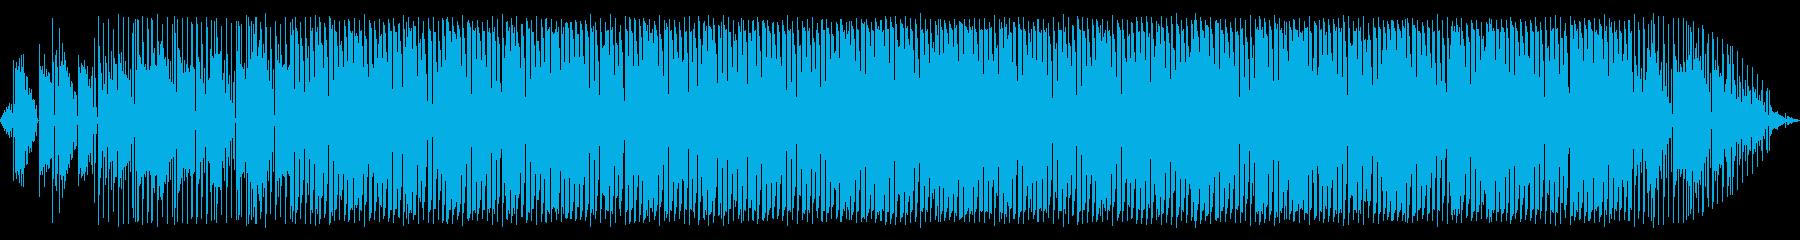 エレピが特徴のループミュージックの再生済みの波形